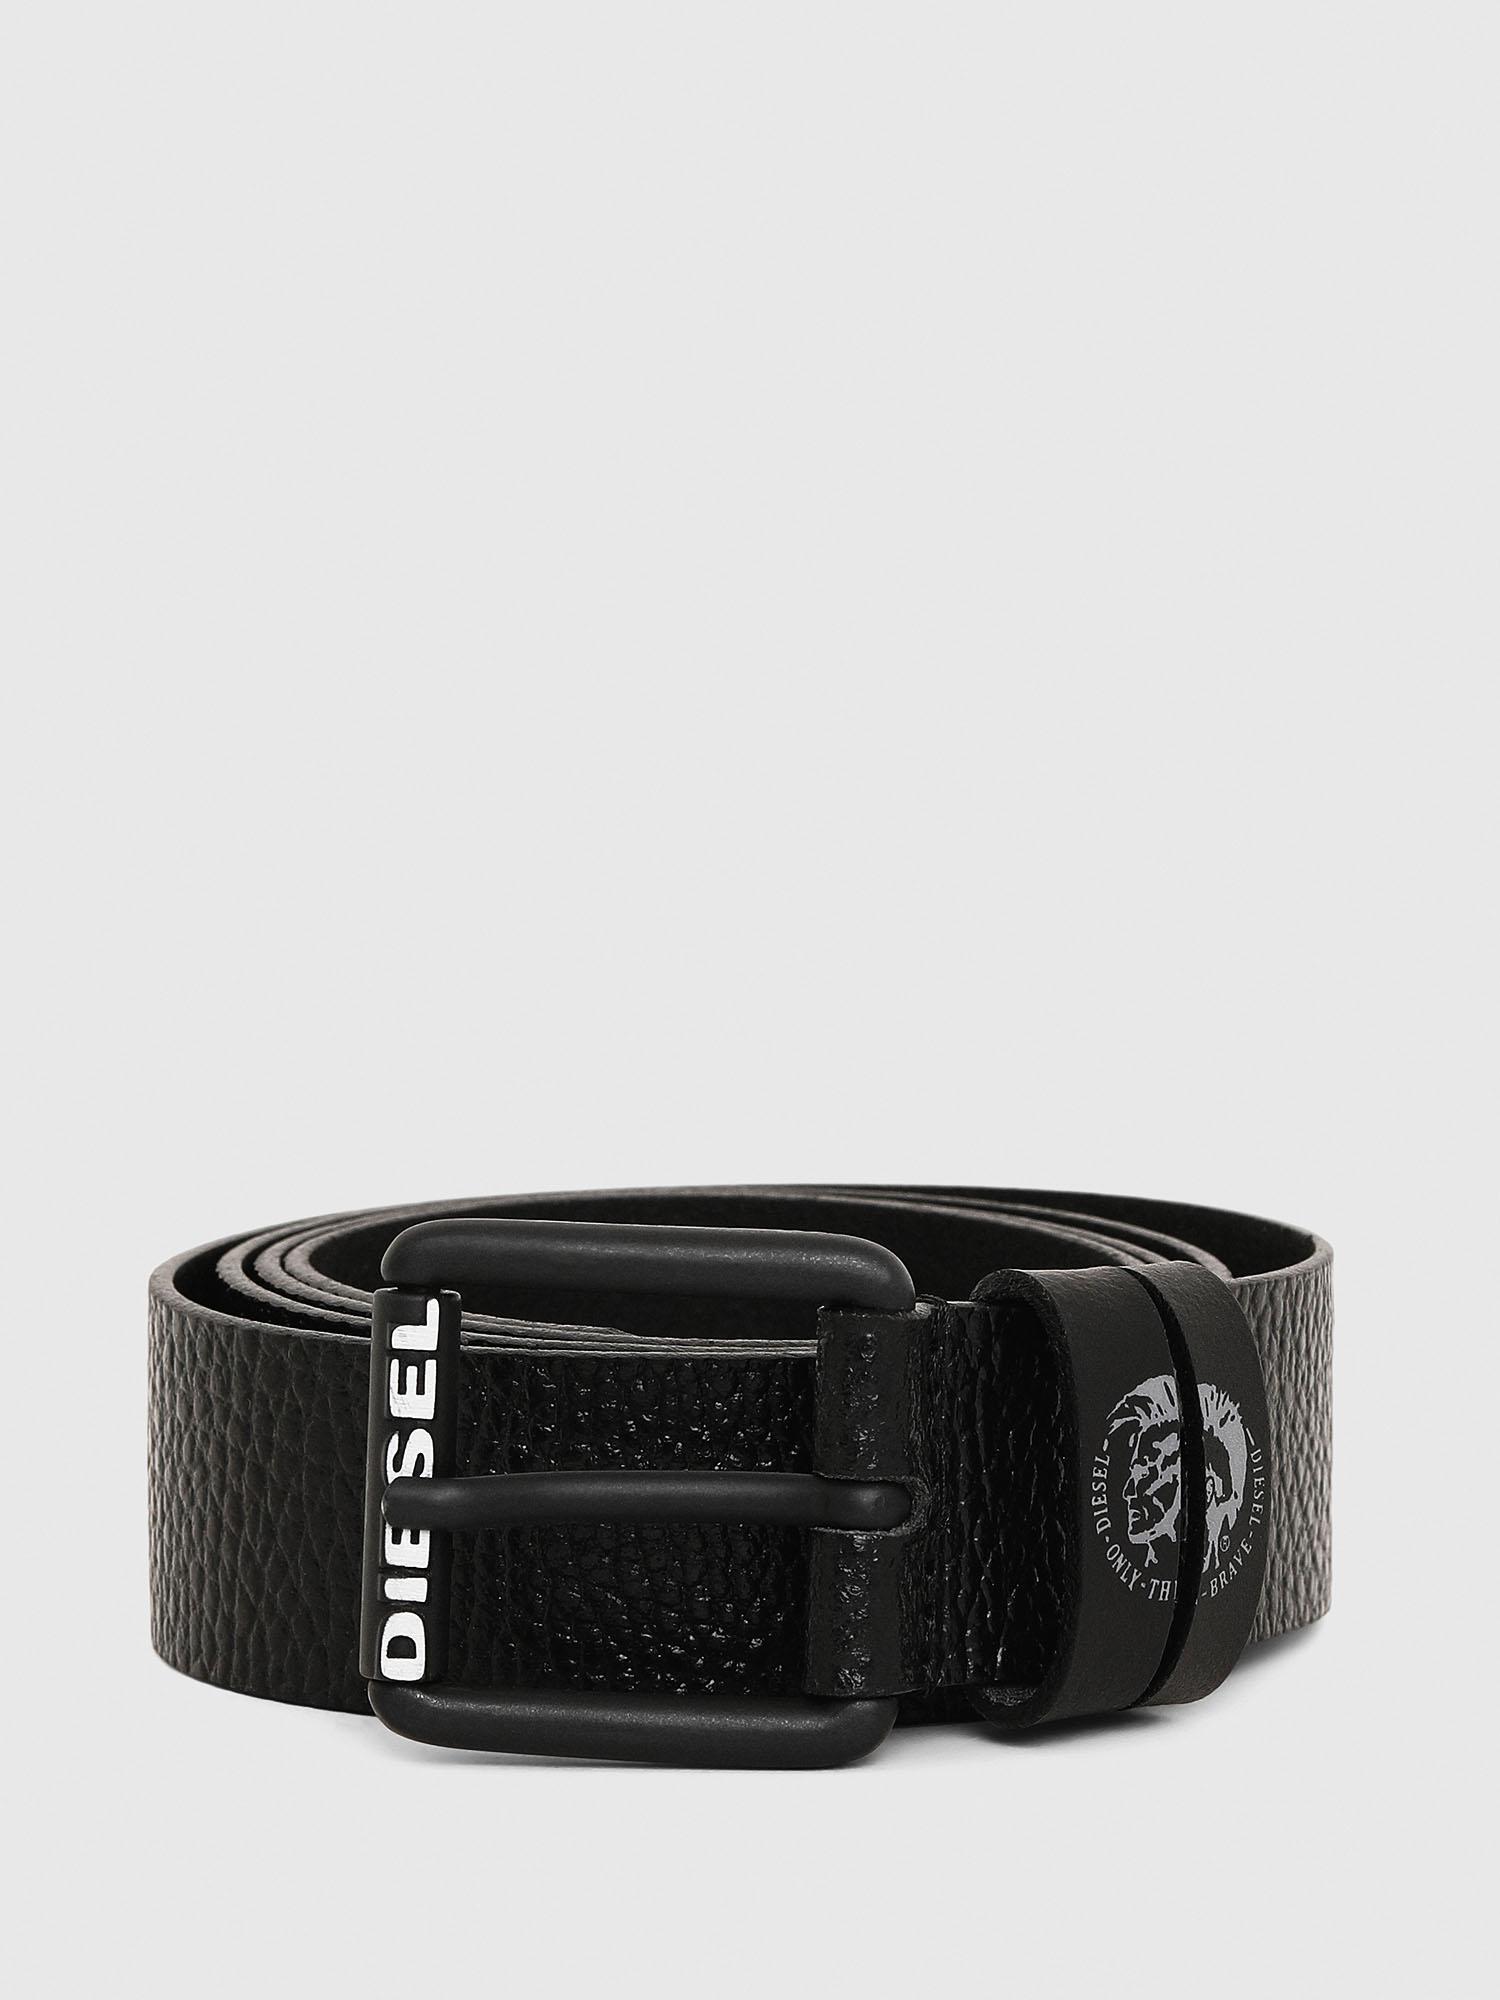 Diesel Belts P0396 - Black - 100